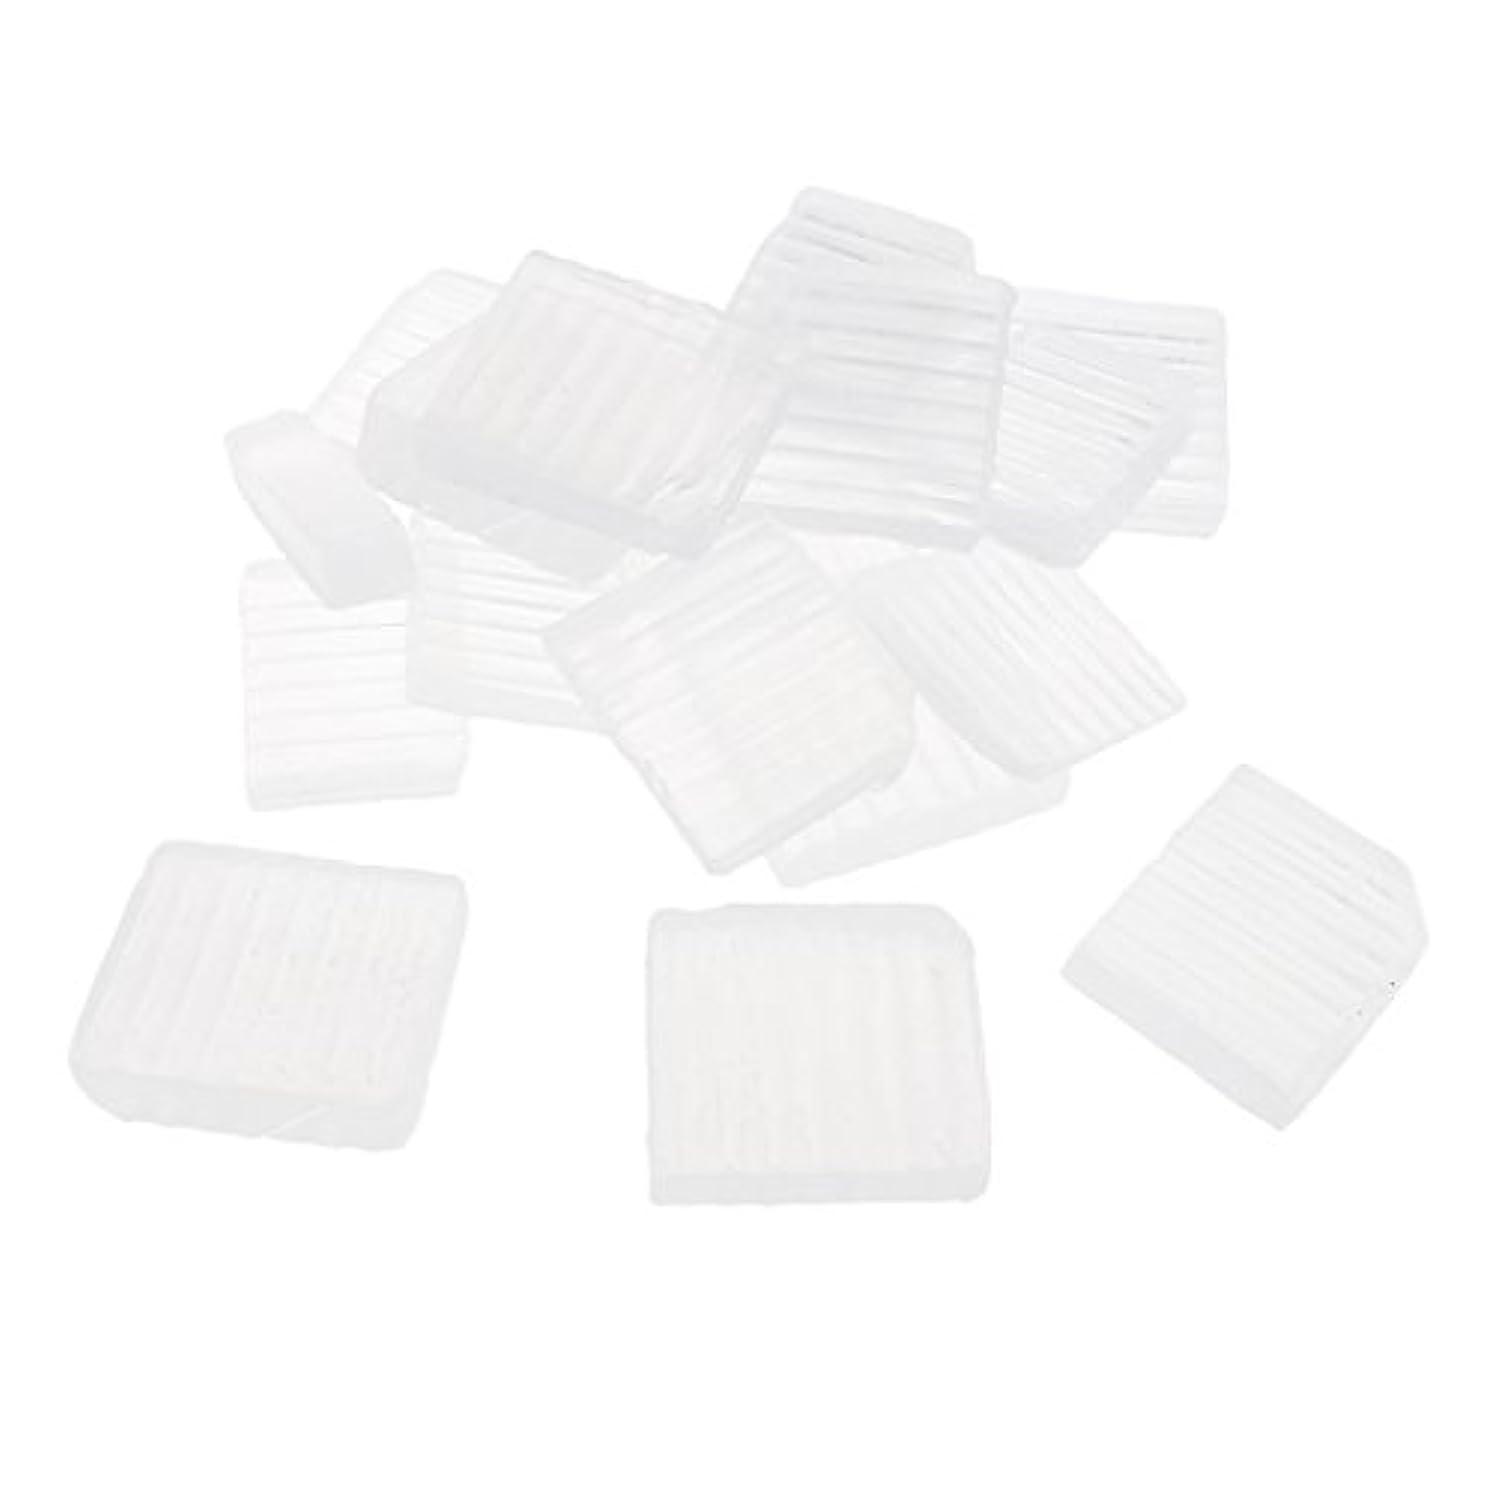 活性化ブリリアントインストラクター透明 石鹸ベース DIY 手作り 石鹸 約1 KG